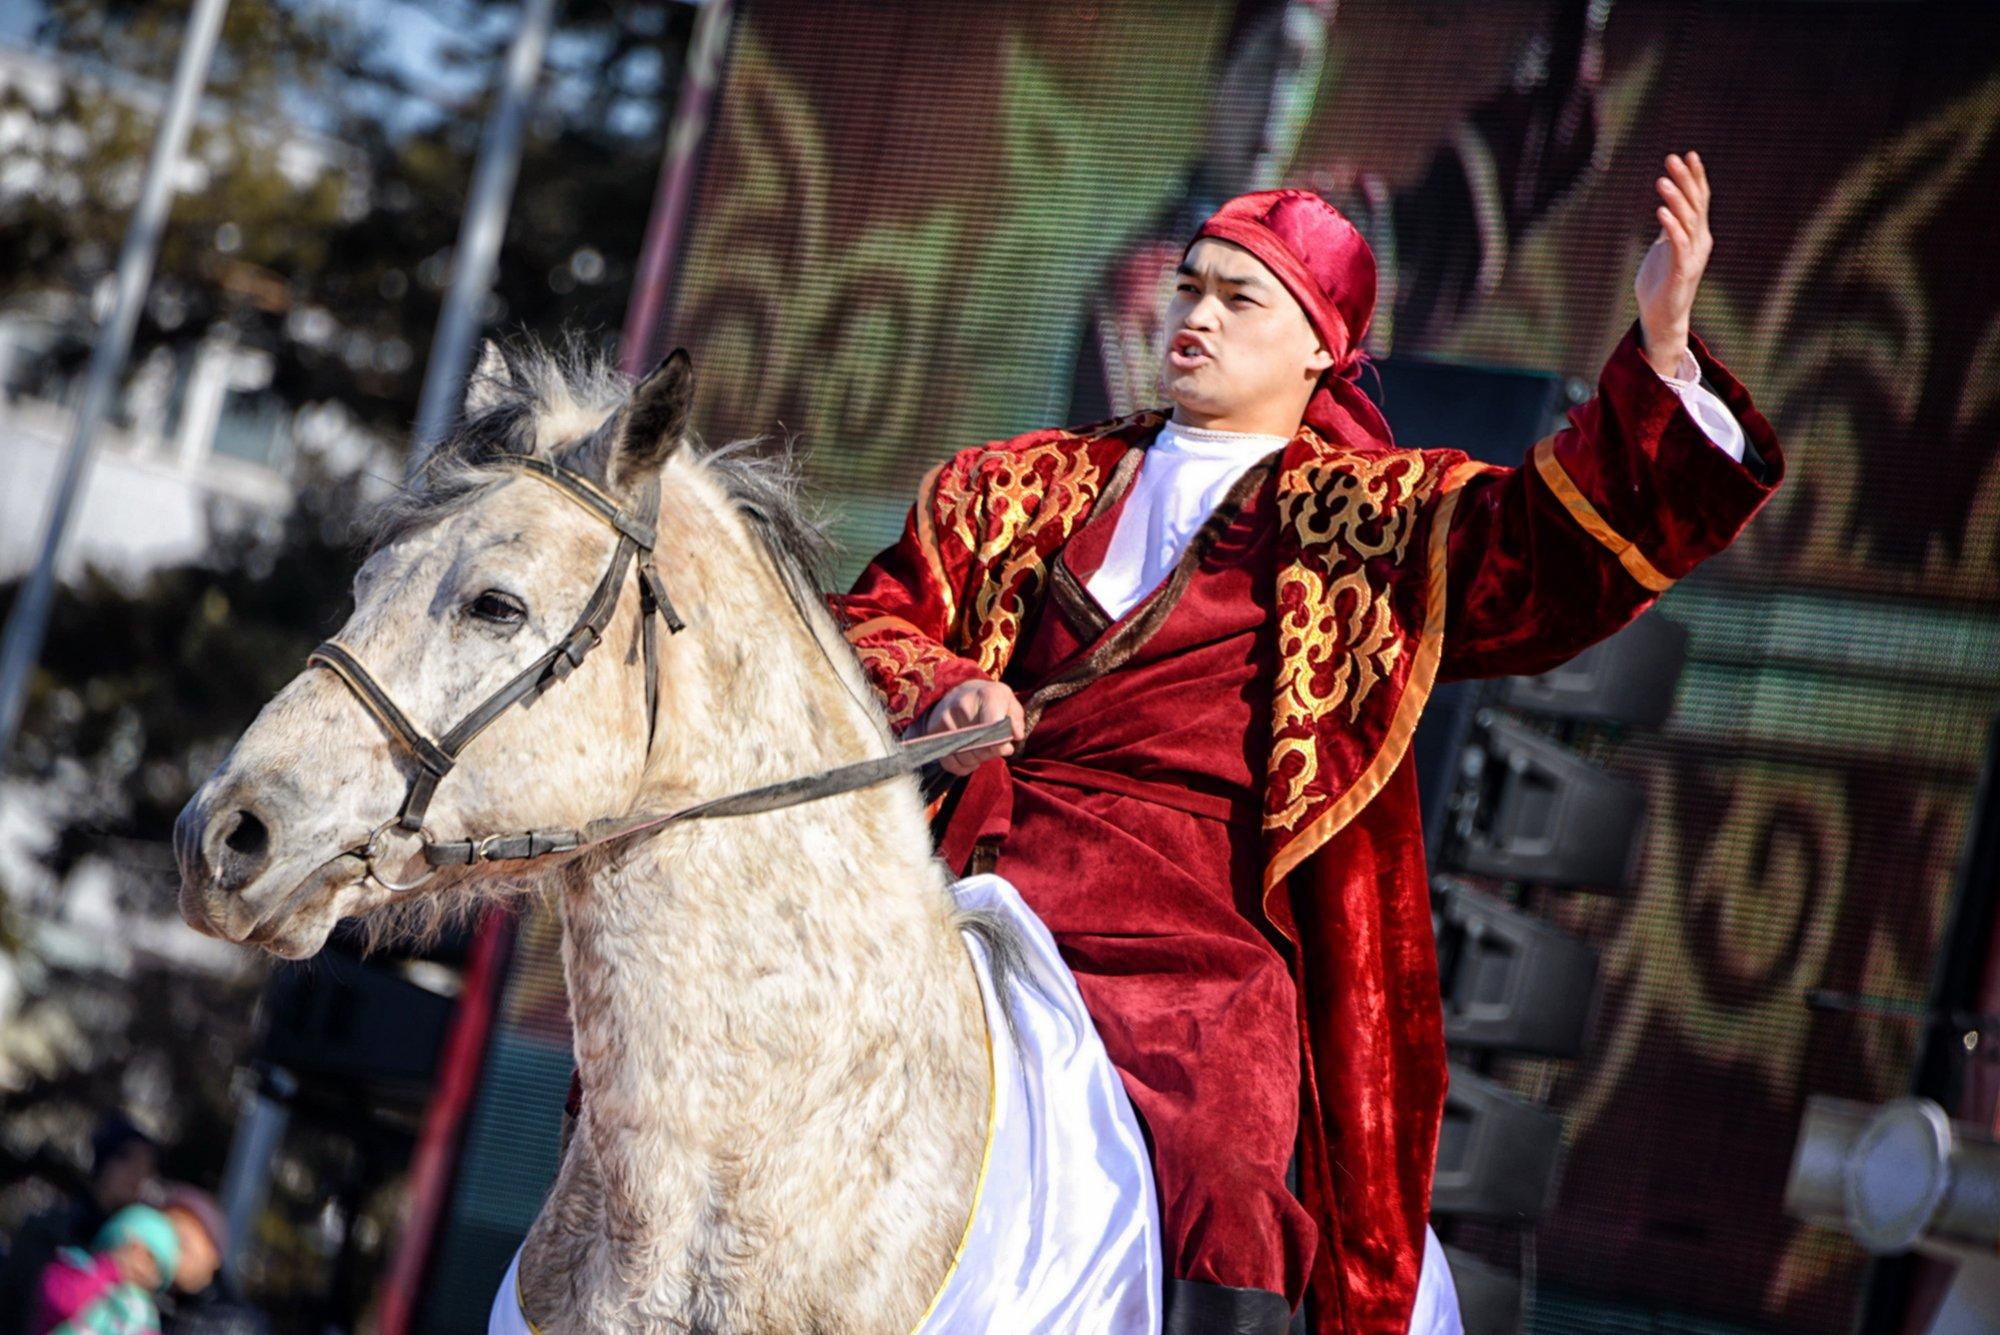 120 юрт установили по Павлодару в честь праздника Наурыз